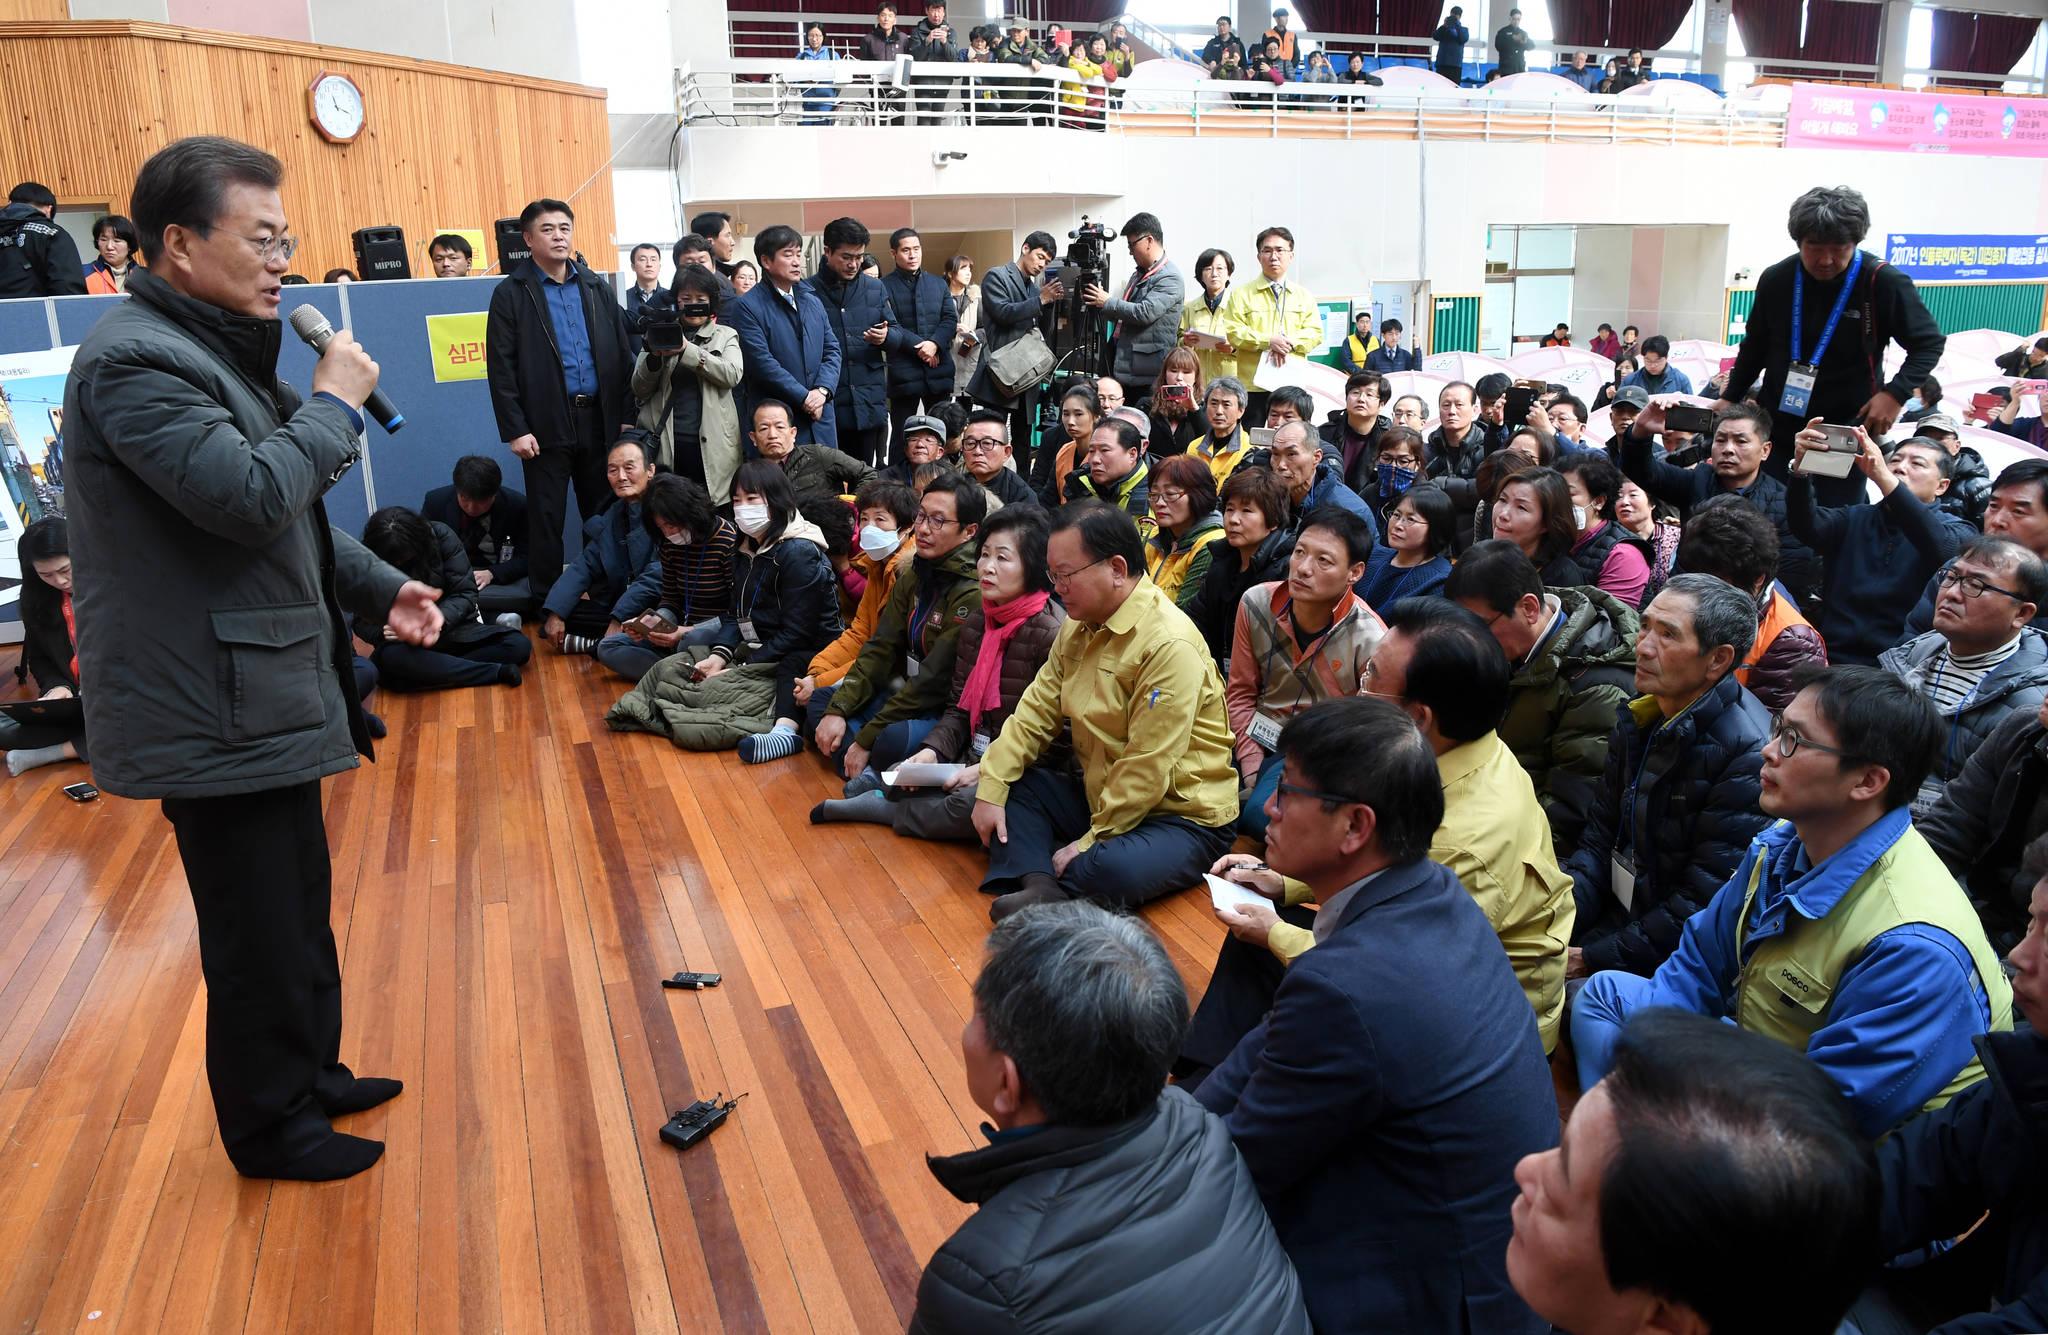 문재인 대통령이 지난해 11월 24일 오전 지진피해를 입은 포항 흥해 실내체육관을 찾아 피해 이주민들과 대화하고 있다. 김상선 기자